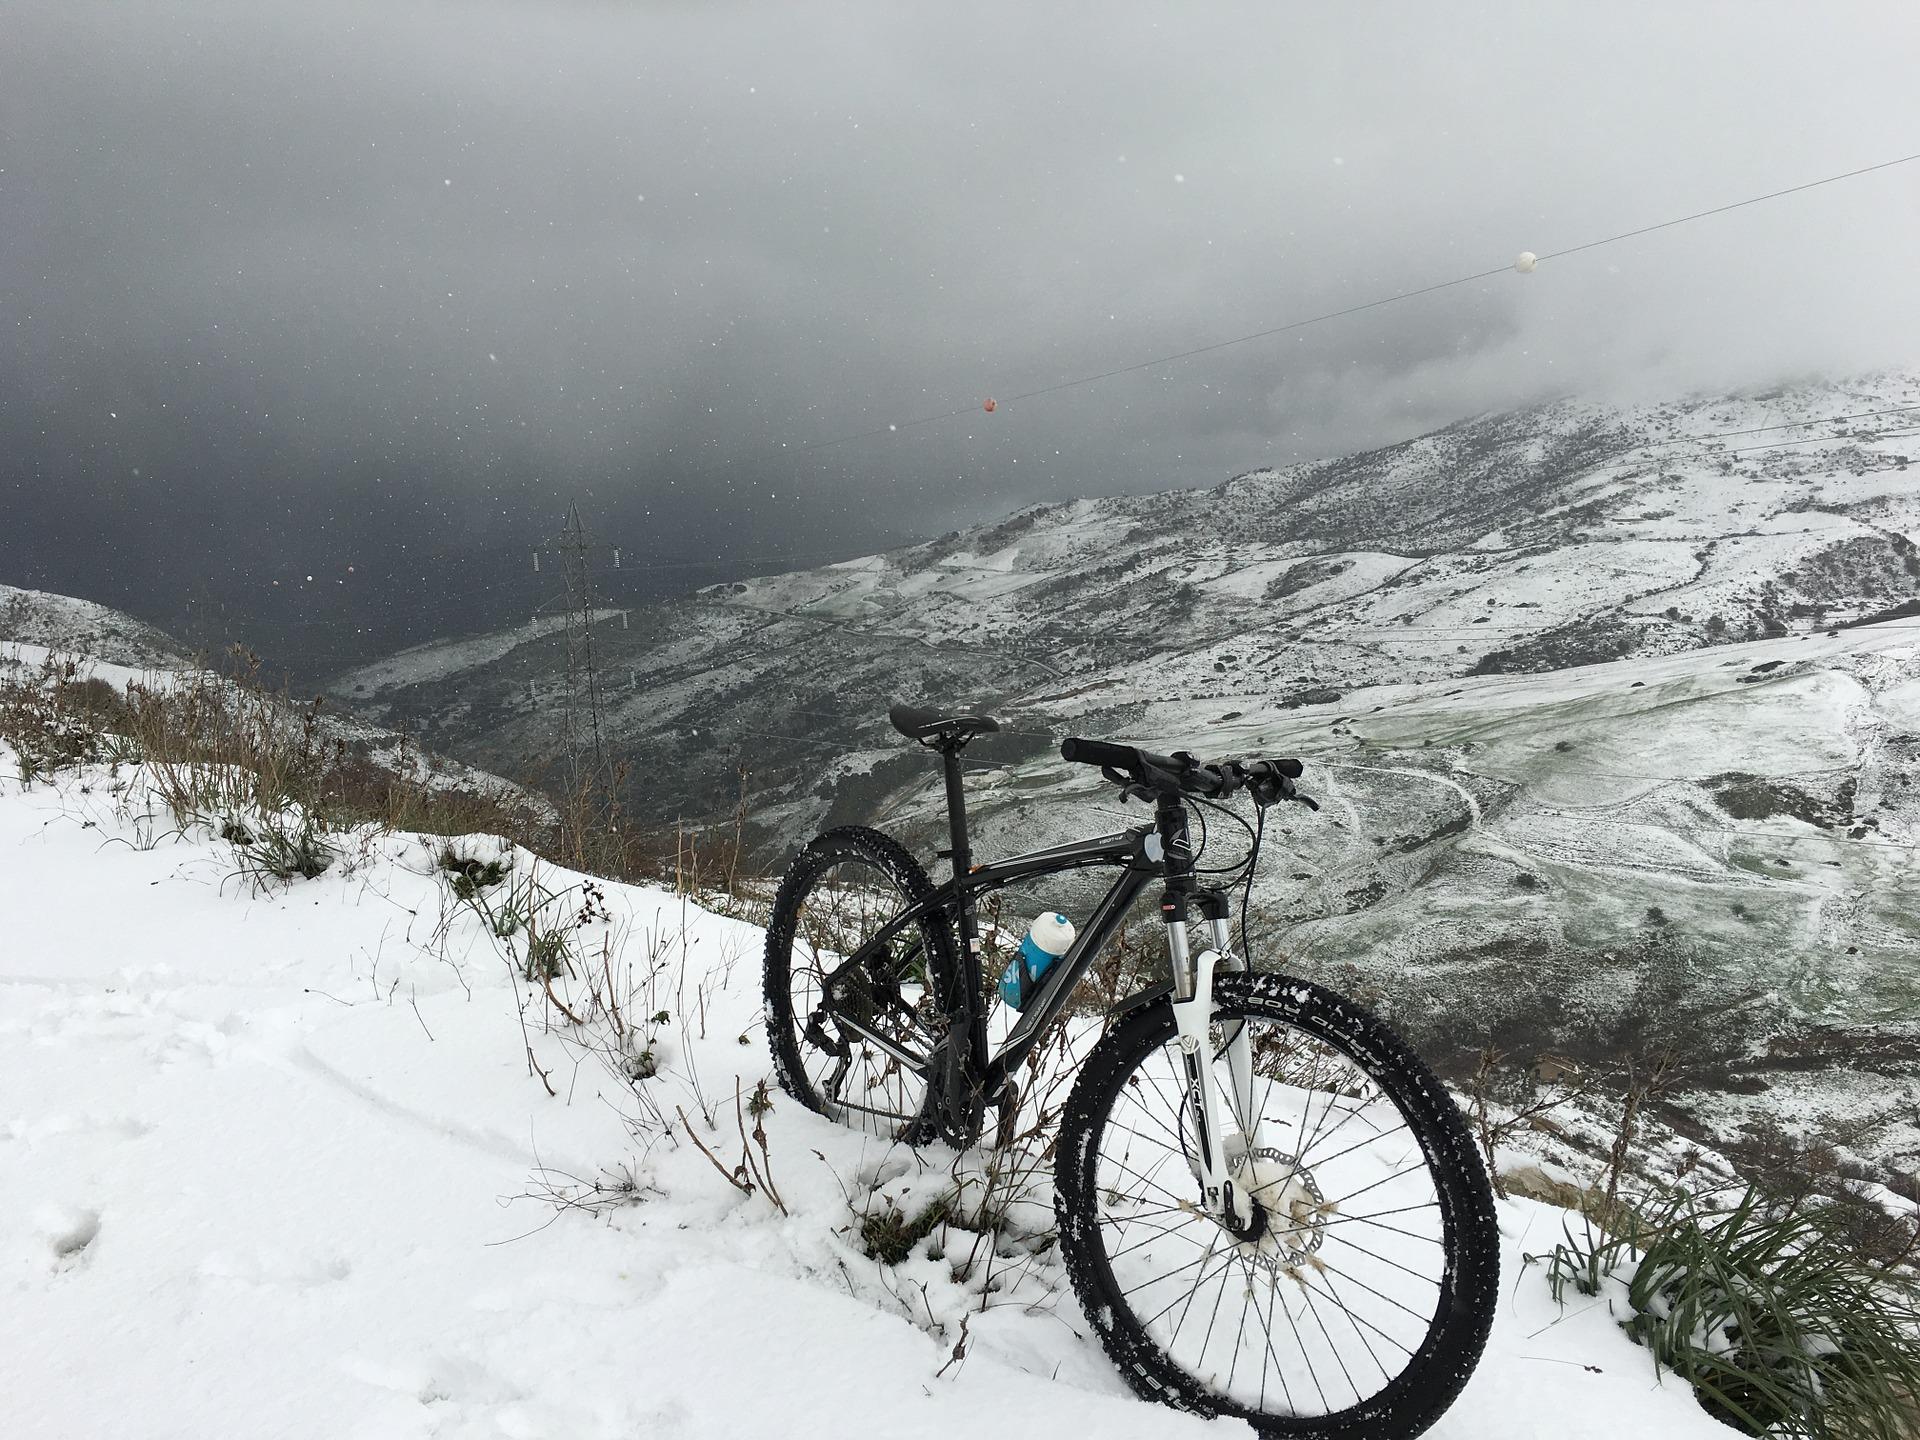 Lo-do-en-Sicilia-en-invierno